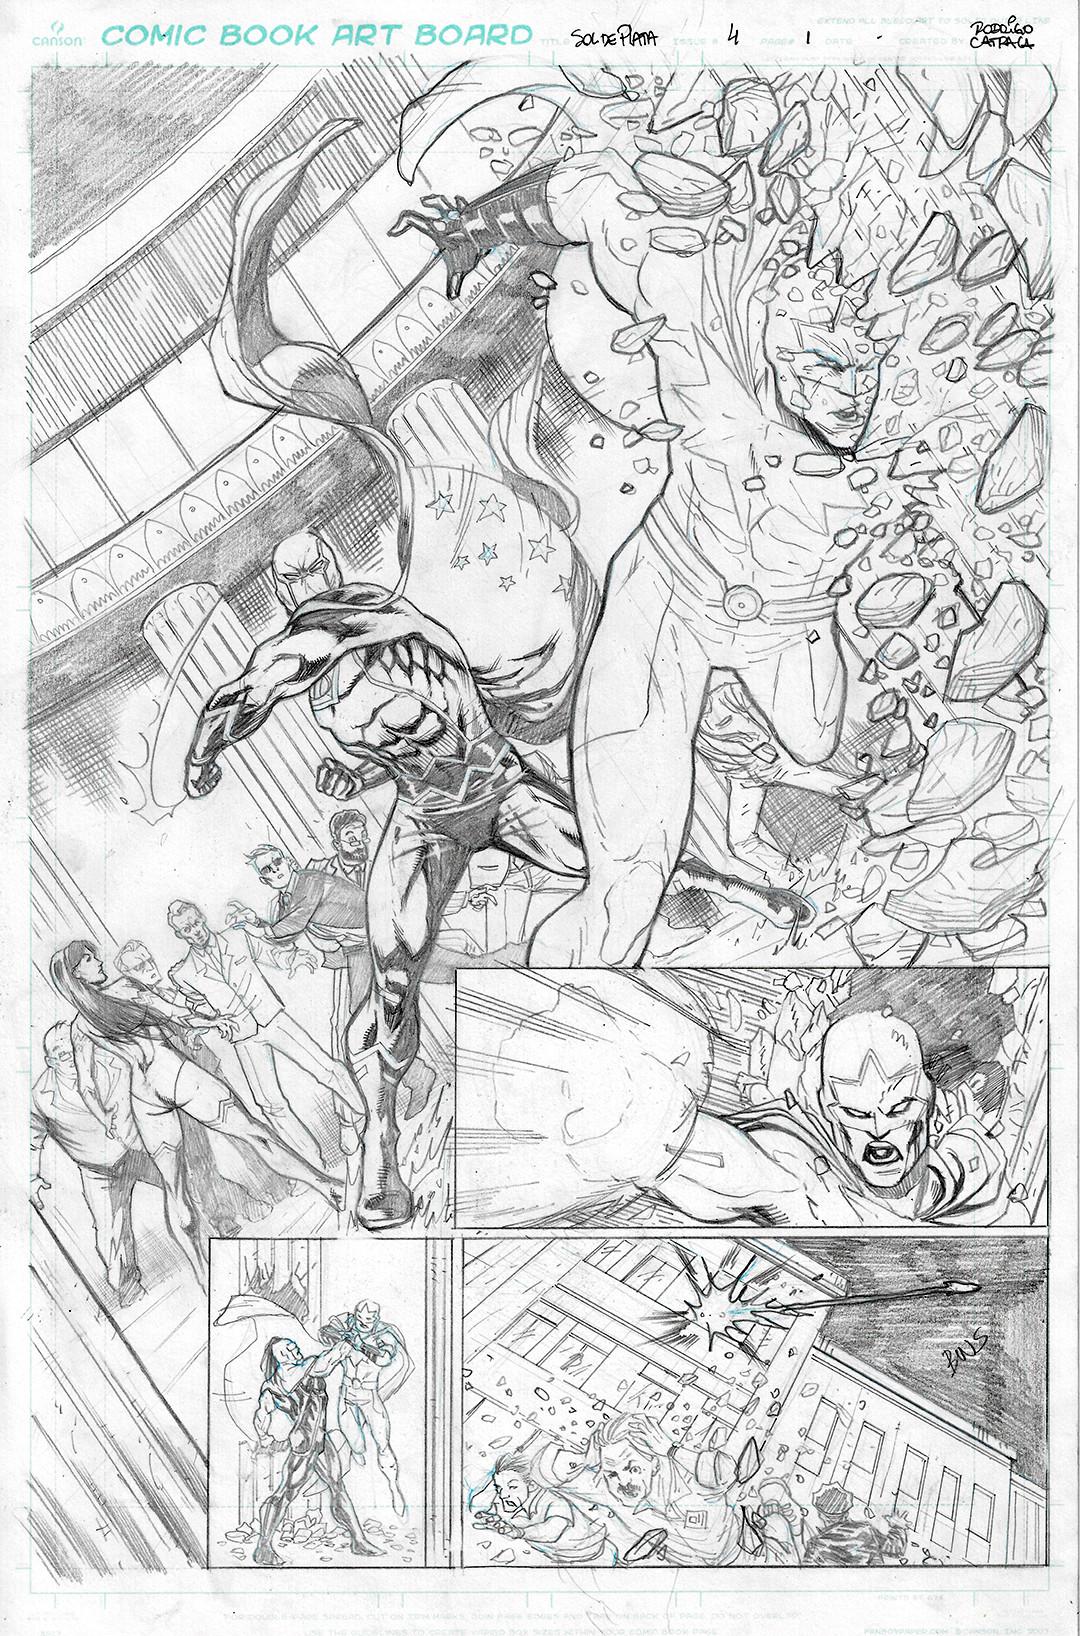 Rodrigo catraca sol de plata page 1 pencils